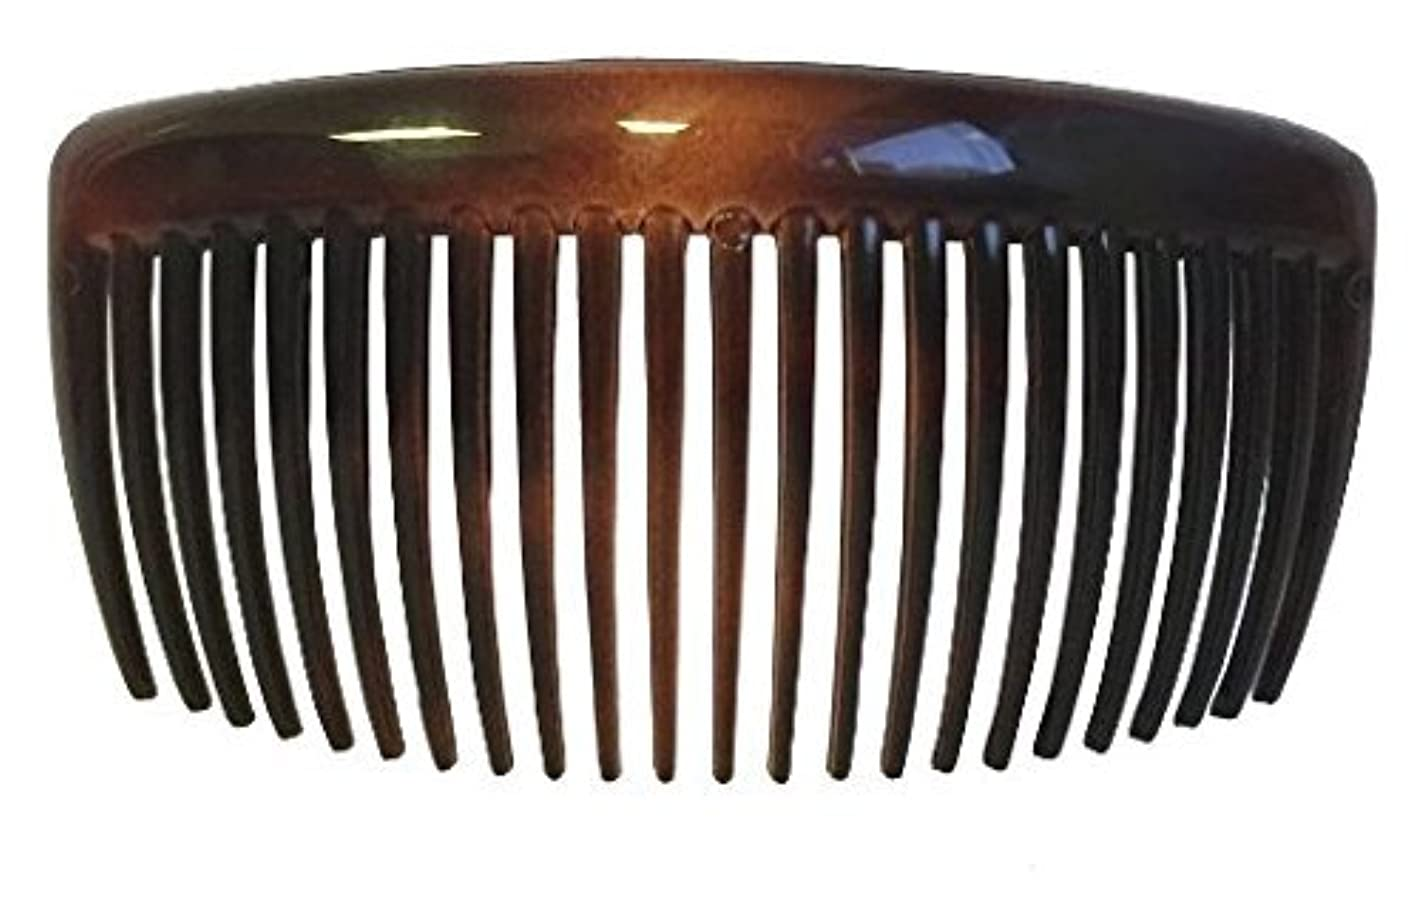 雑種美的高いParcelona French Large 2 Pieces Glossy Celluloid Shell Good Grip Updo 23 Teeth Hair Side Combs 4.25 Inches for Thick Long Hair [並行輸入品]